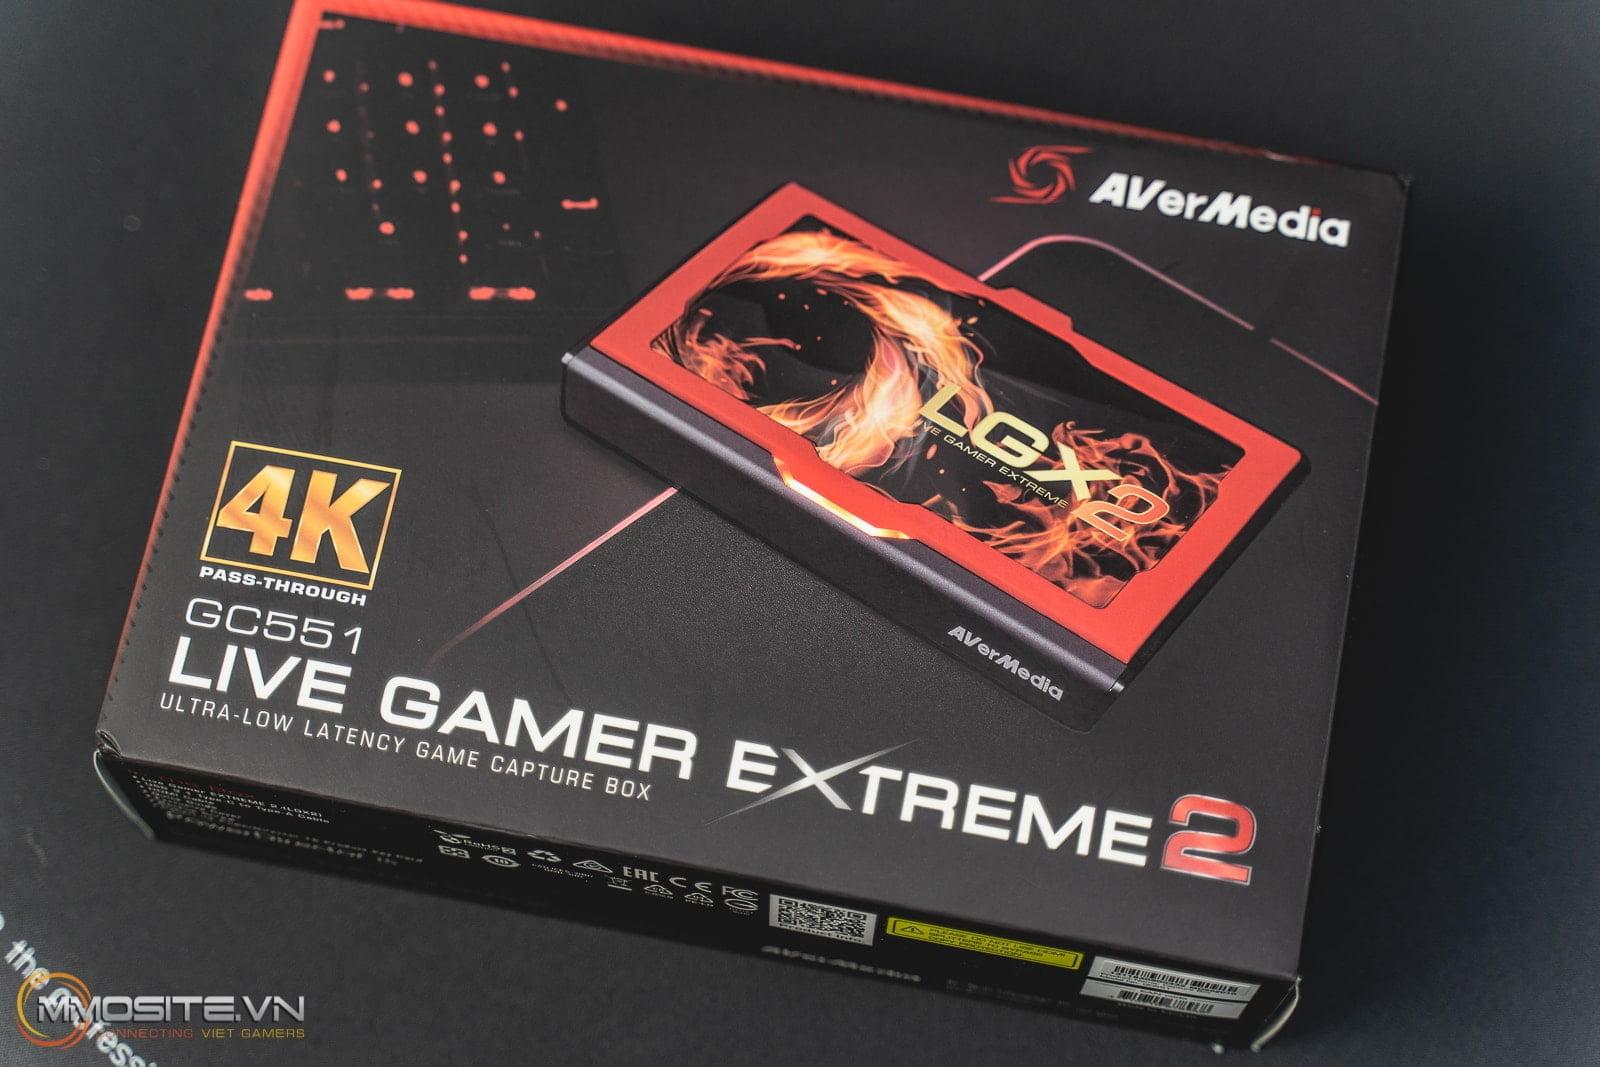 """Trên tay AverMedia LGX2 GC551- thiết bị giúp bạn trở thành streamer """"xịn"""" trong vòng 3 nốt nhạc"""